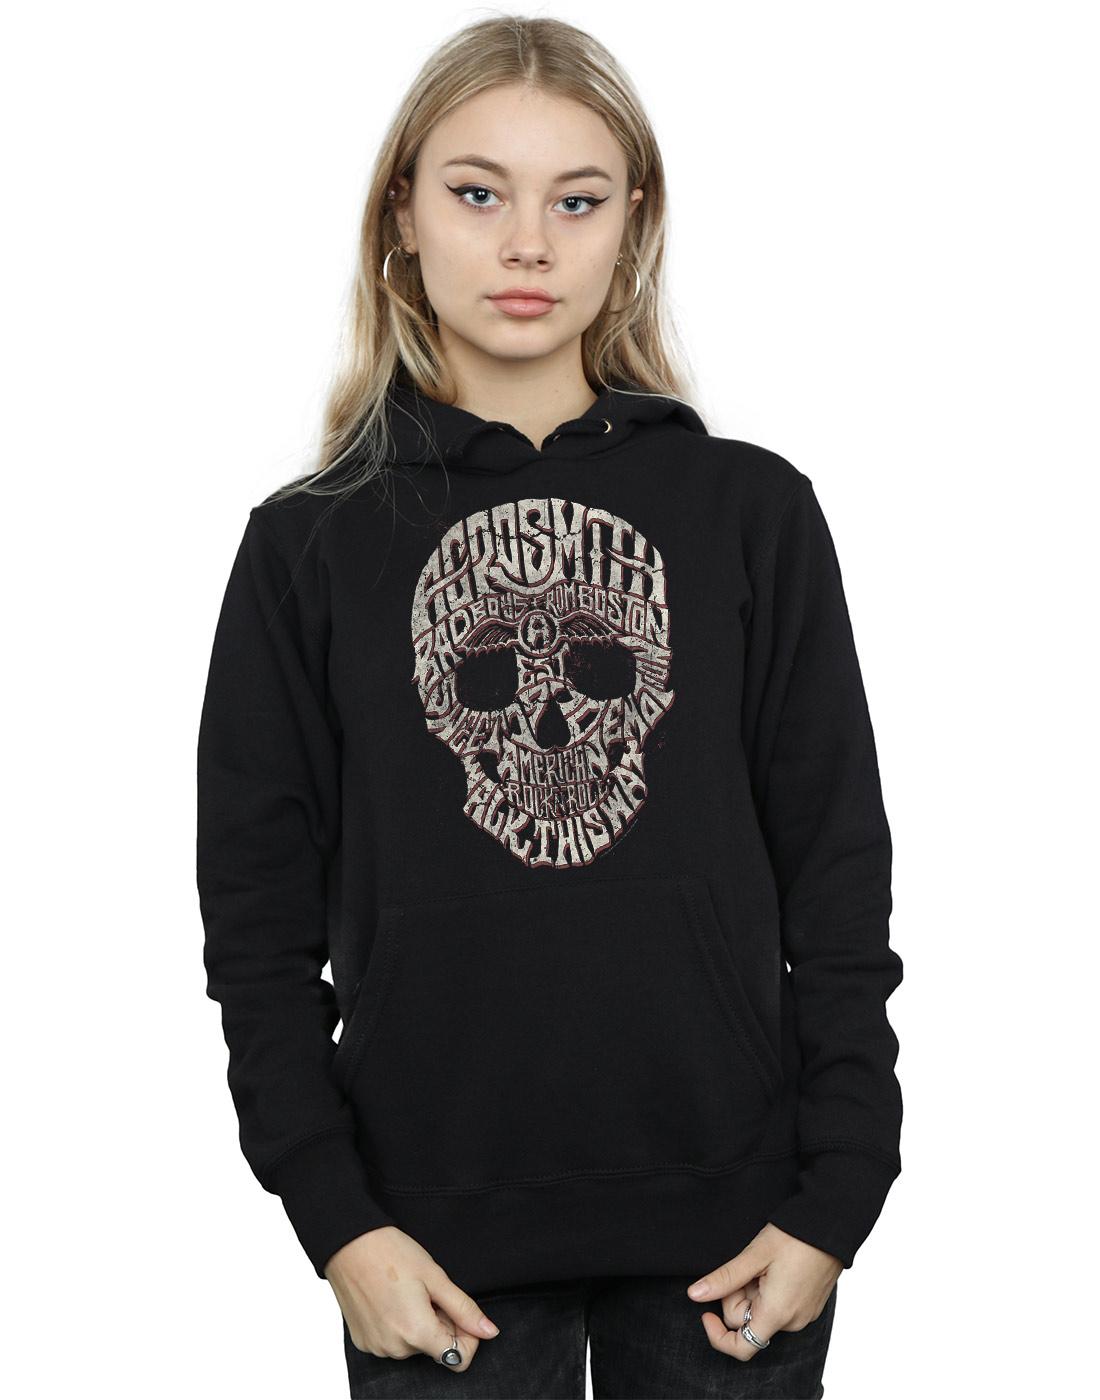 Aerosmith Women's Skull Hoodie